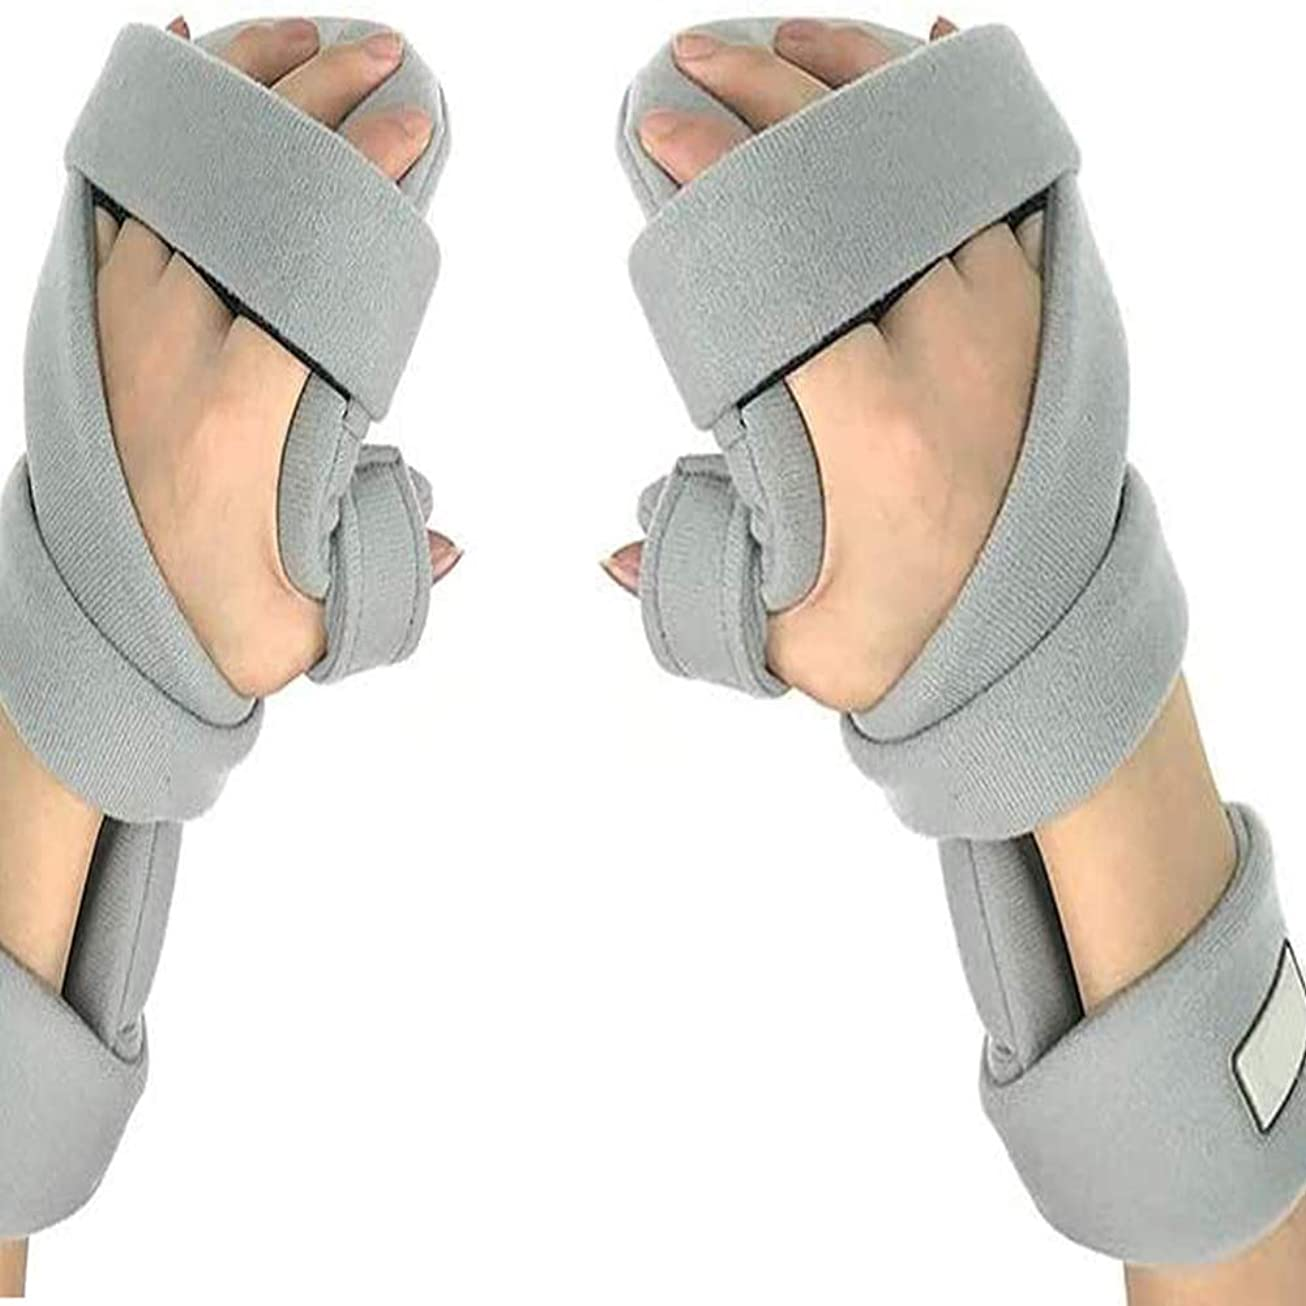 欠如敬意を表して別に装具レール機能静止手副子フレットボード手首骨折祭フィンガー補正高齢脳卒中片麻痺リハビリトレーニング機器